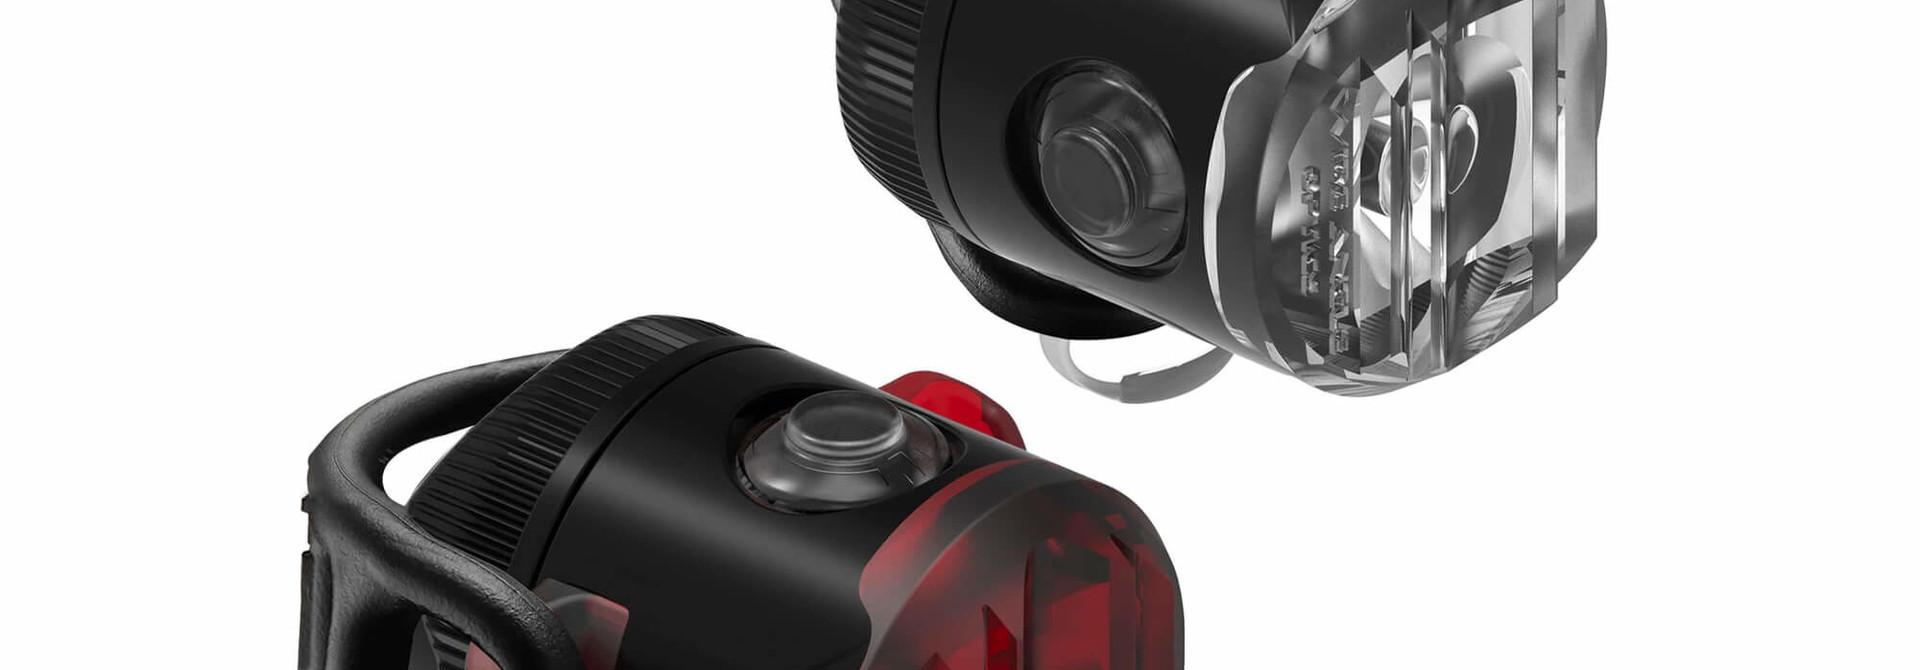 LED Femto USB Pair